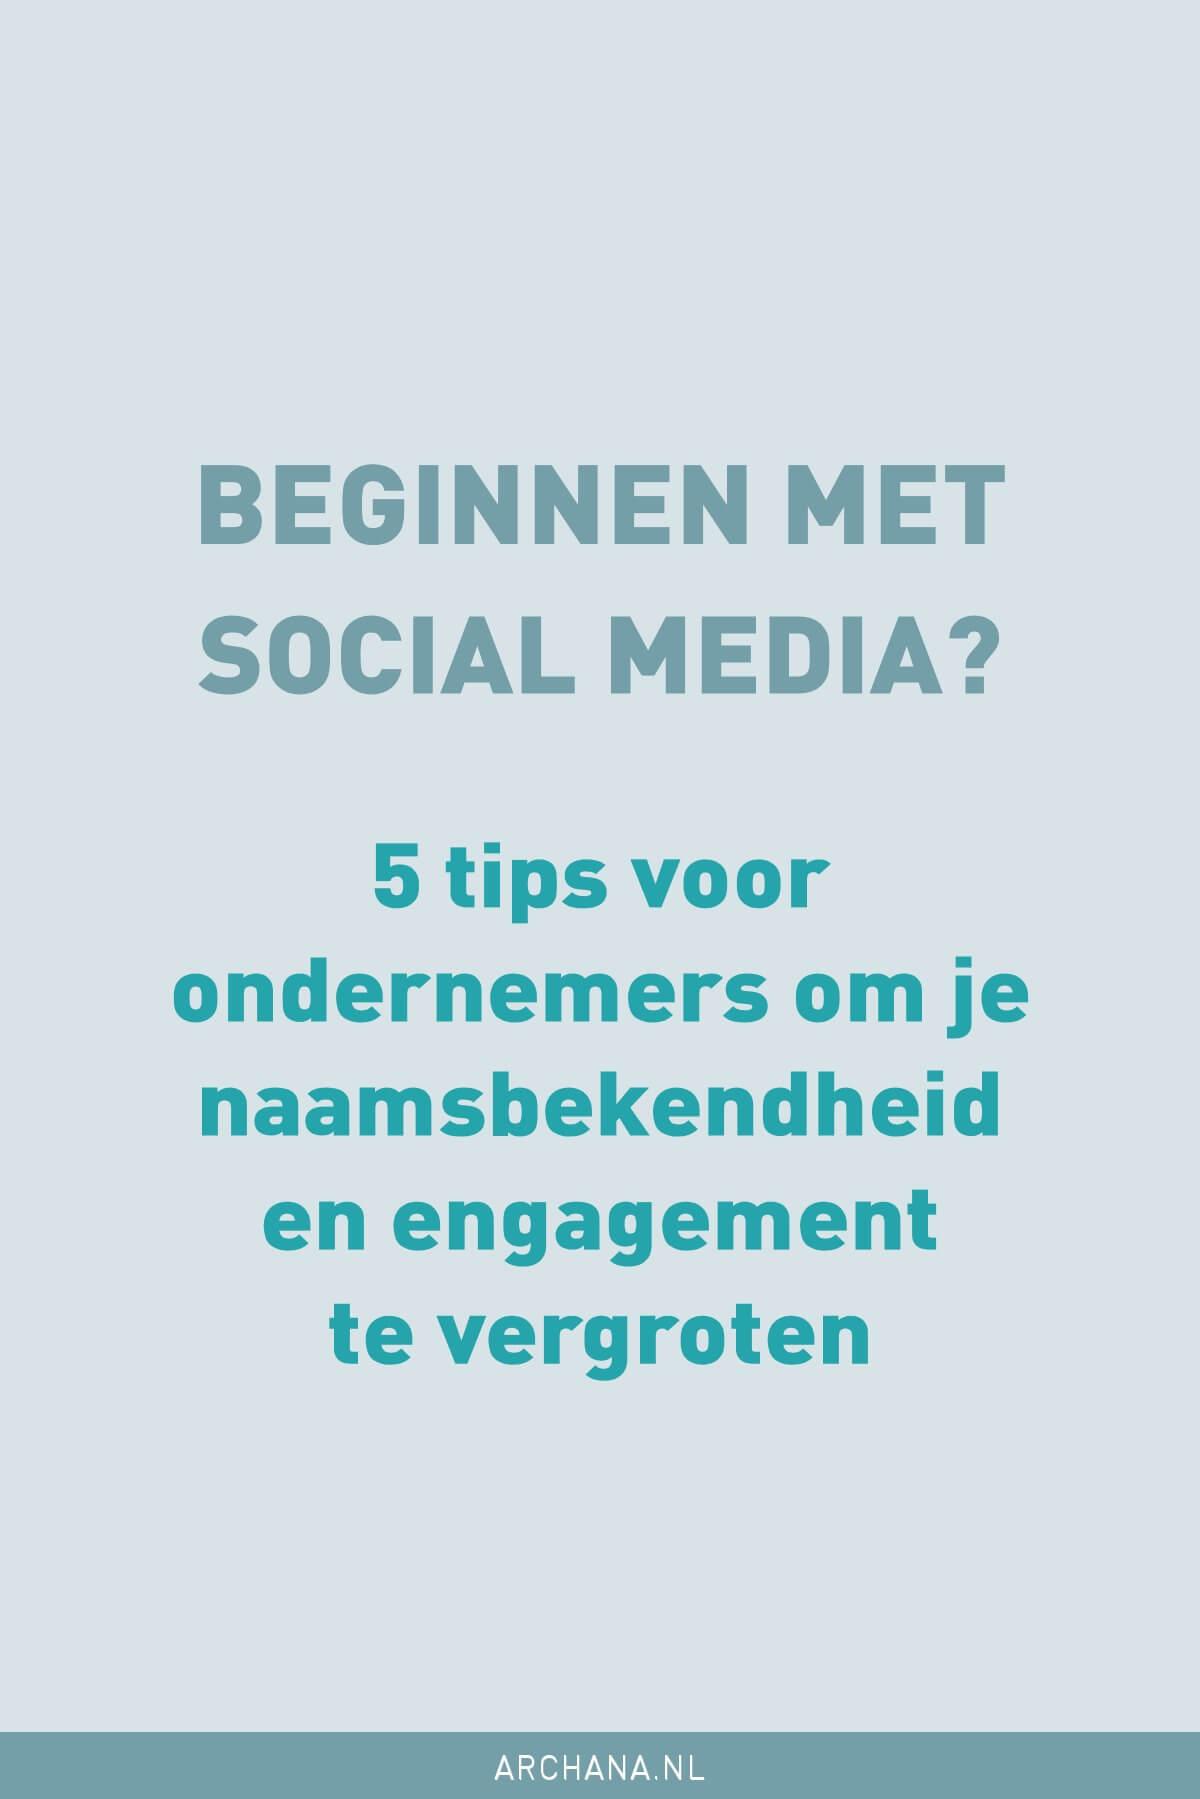 Beginnen met social media? 5 tips voor ondernemers om je naamsbekendheid en engagement te vergroten • Blog tips en Social media tips   ARCHANA.NL